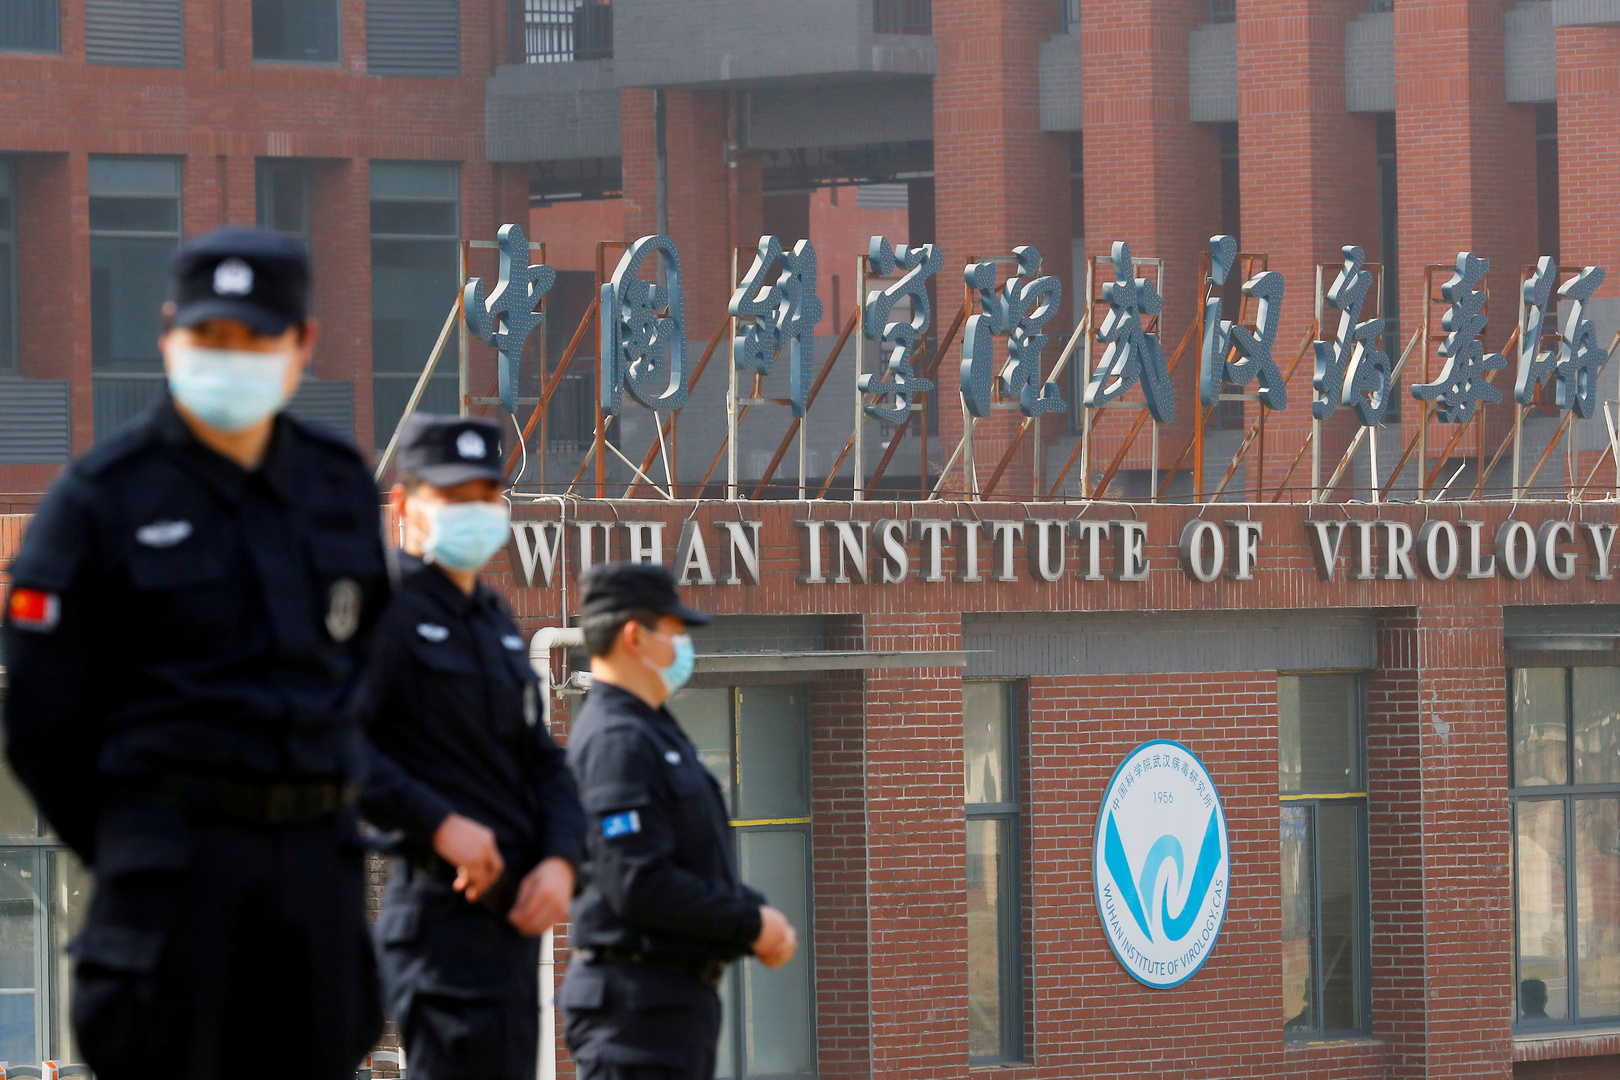 وثائق تكشف تمويلات أمريكية  لبحوث عن فيروس كورونا في الصين